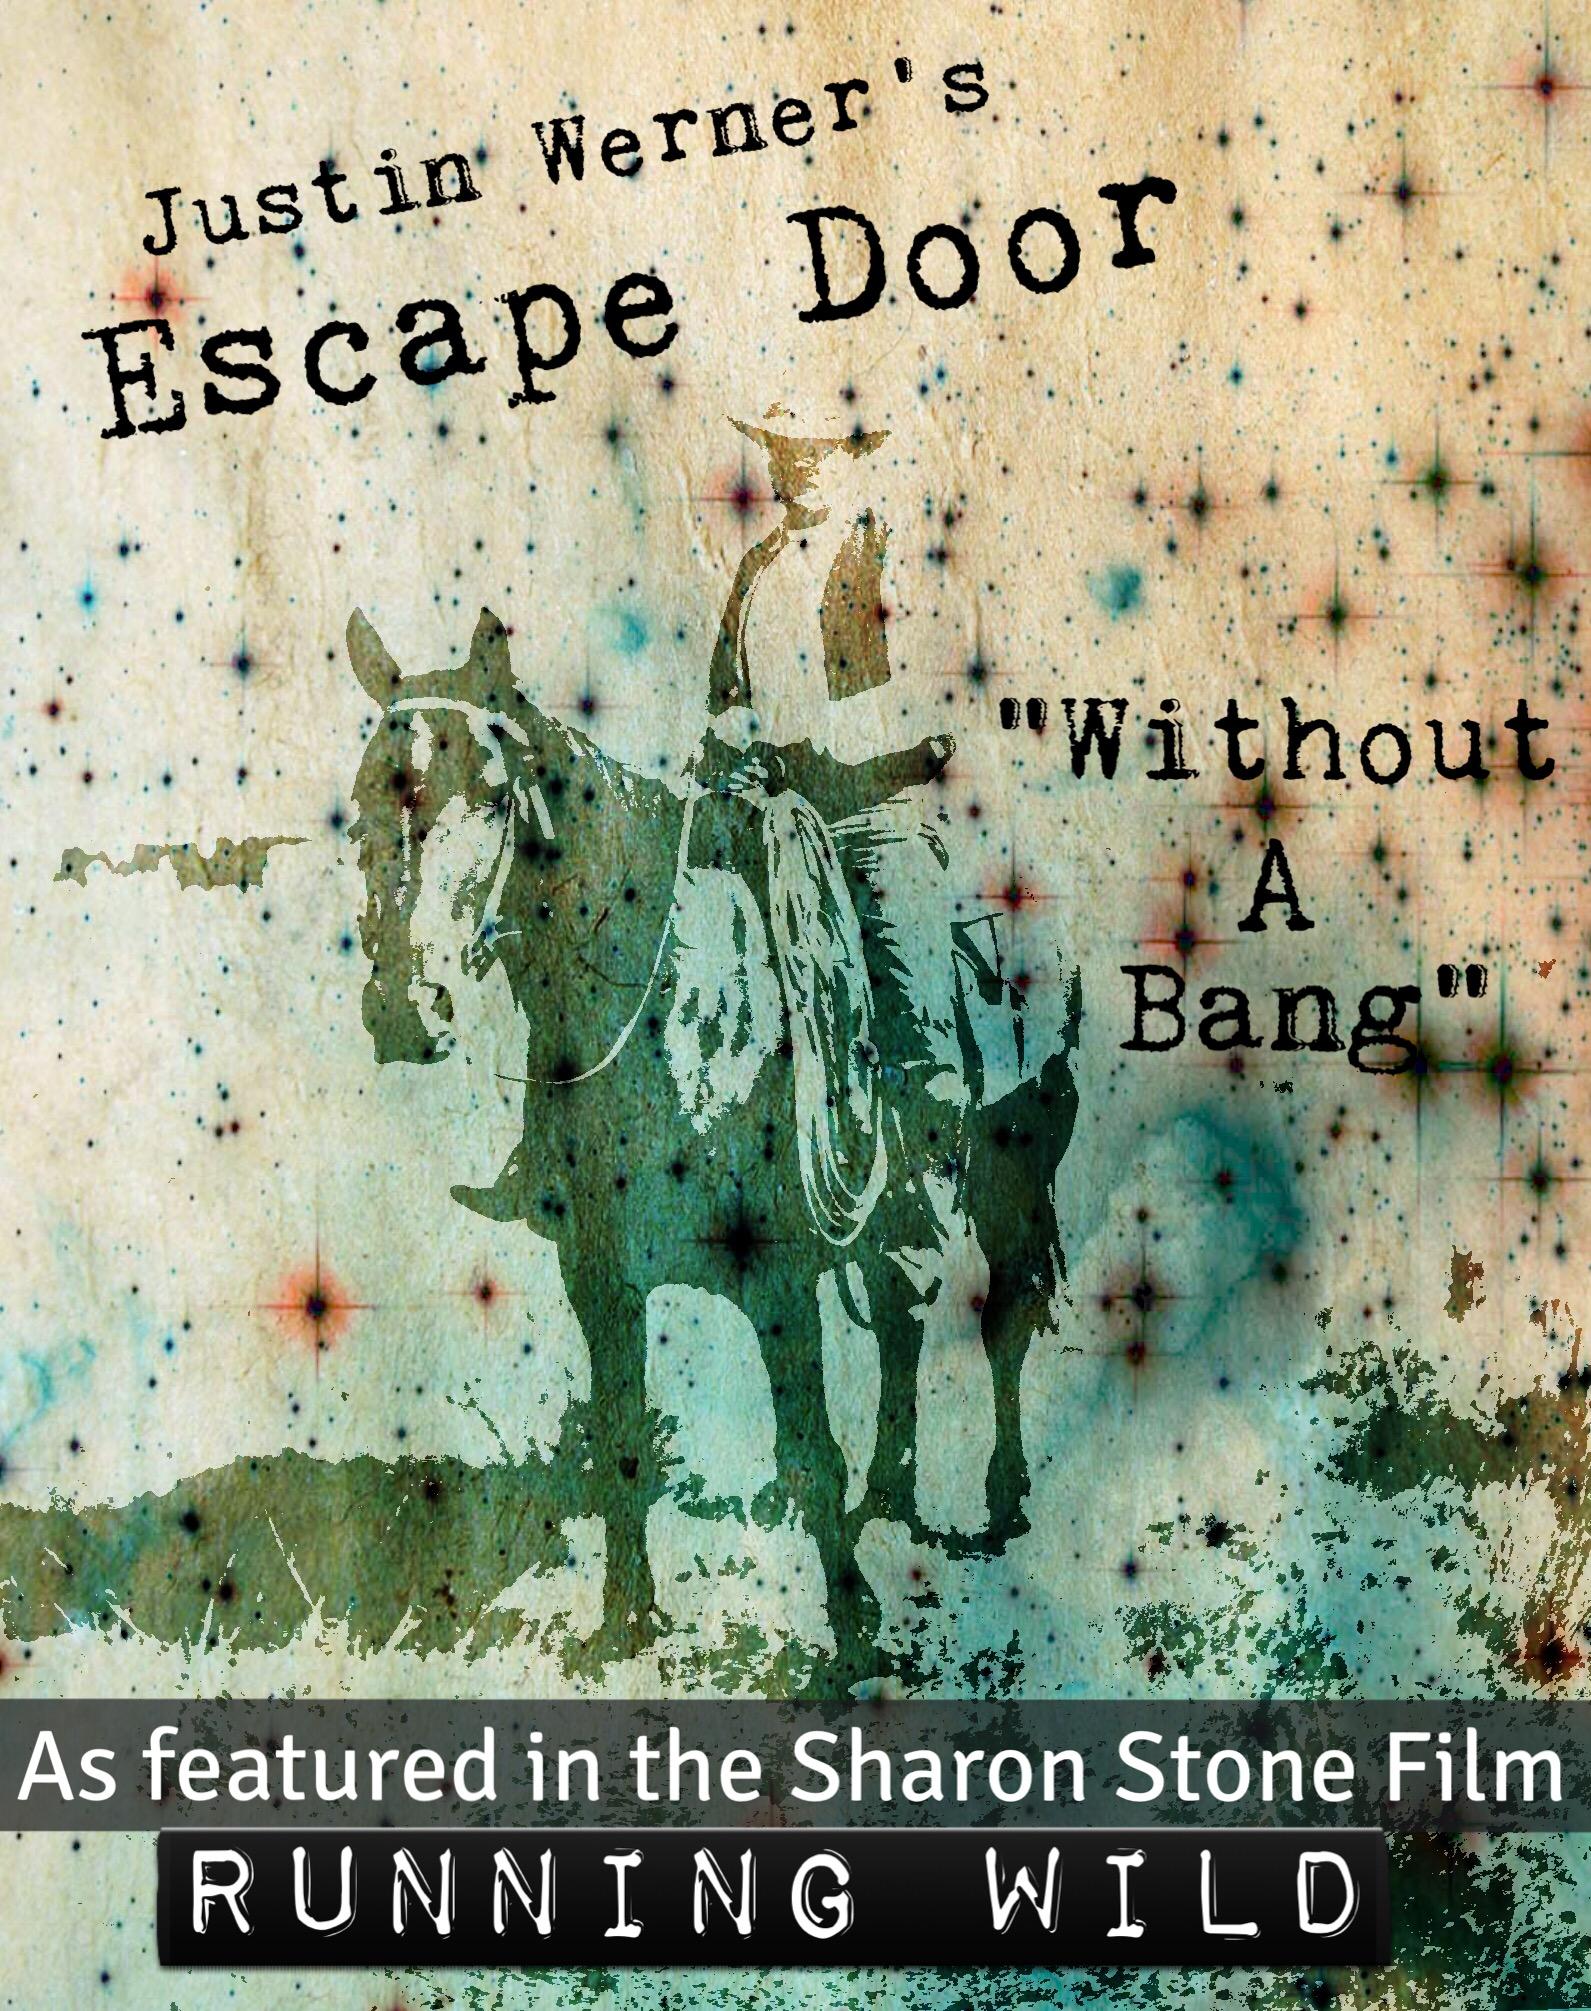 Justin Werner's Escape Door